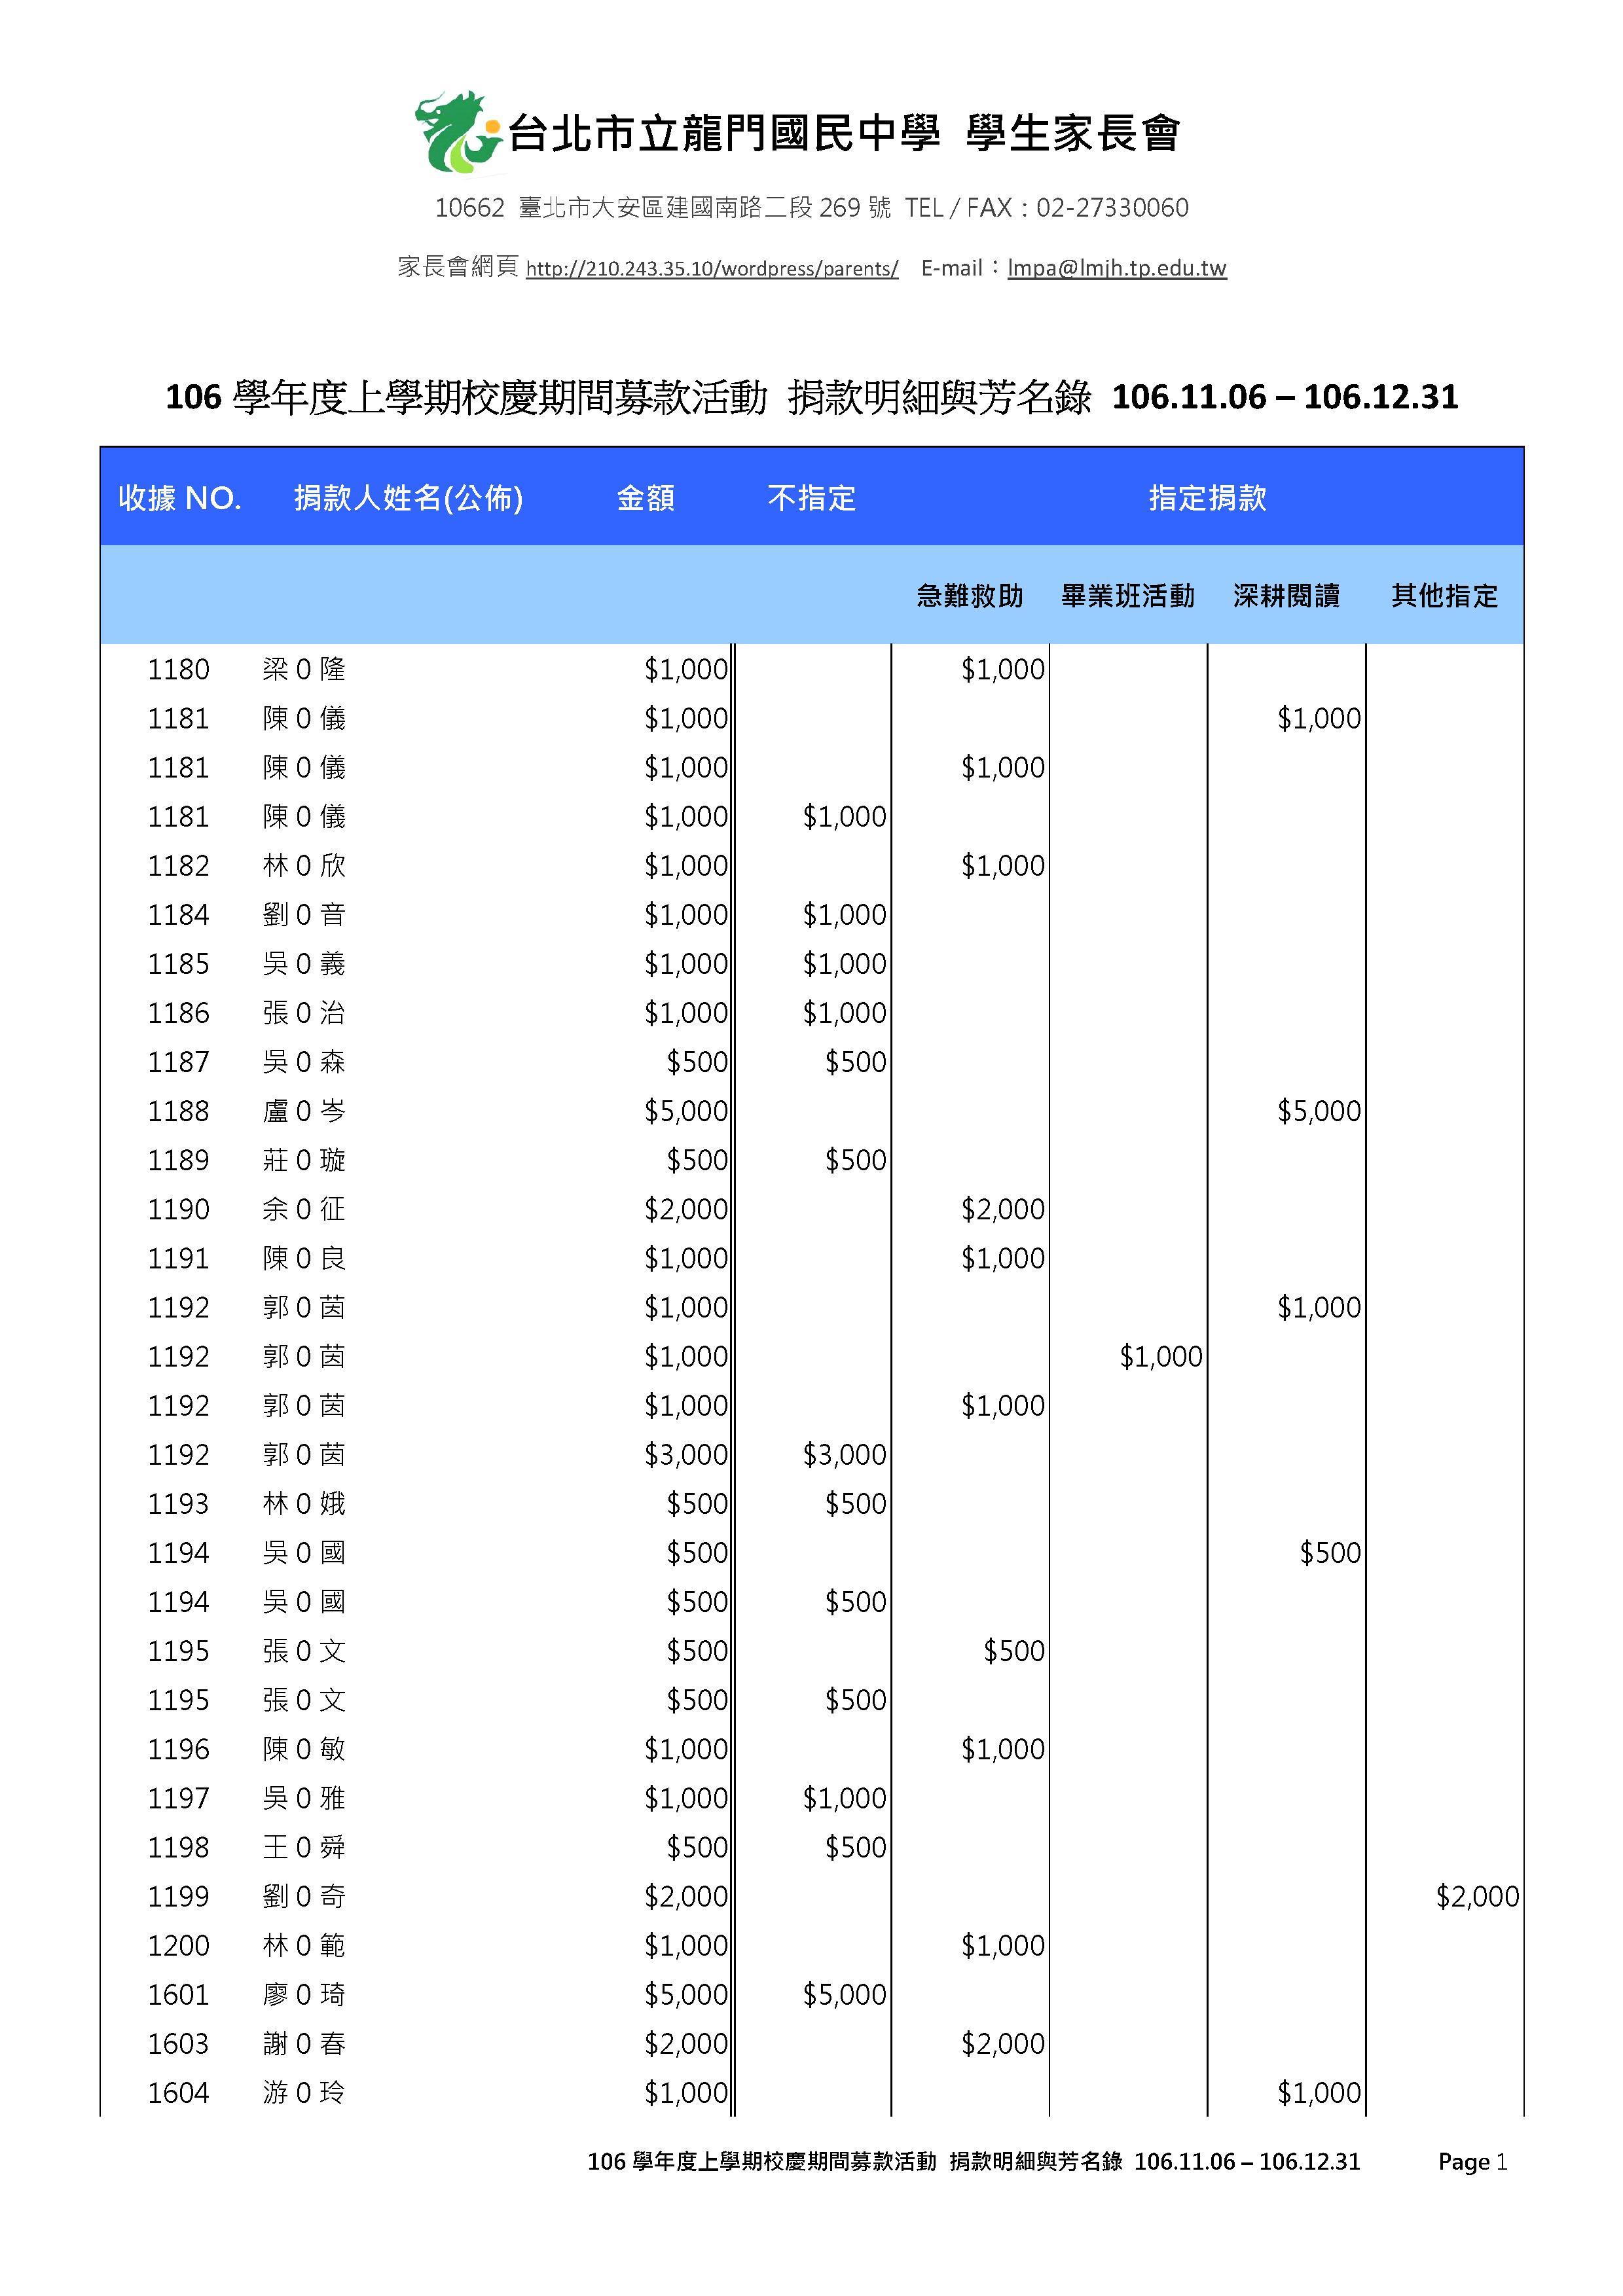 校慶期間募款活動 捐款明細與芳名錄 (1)